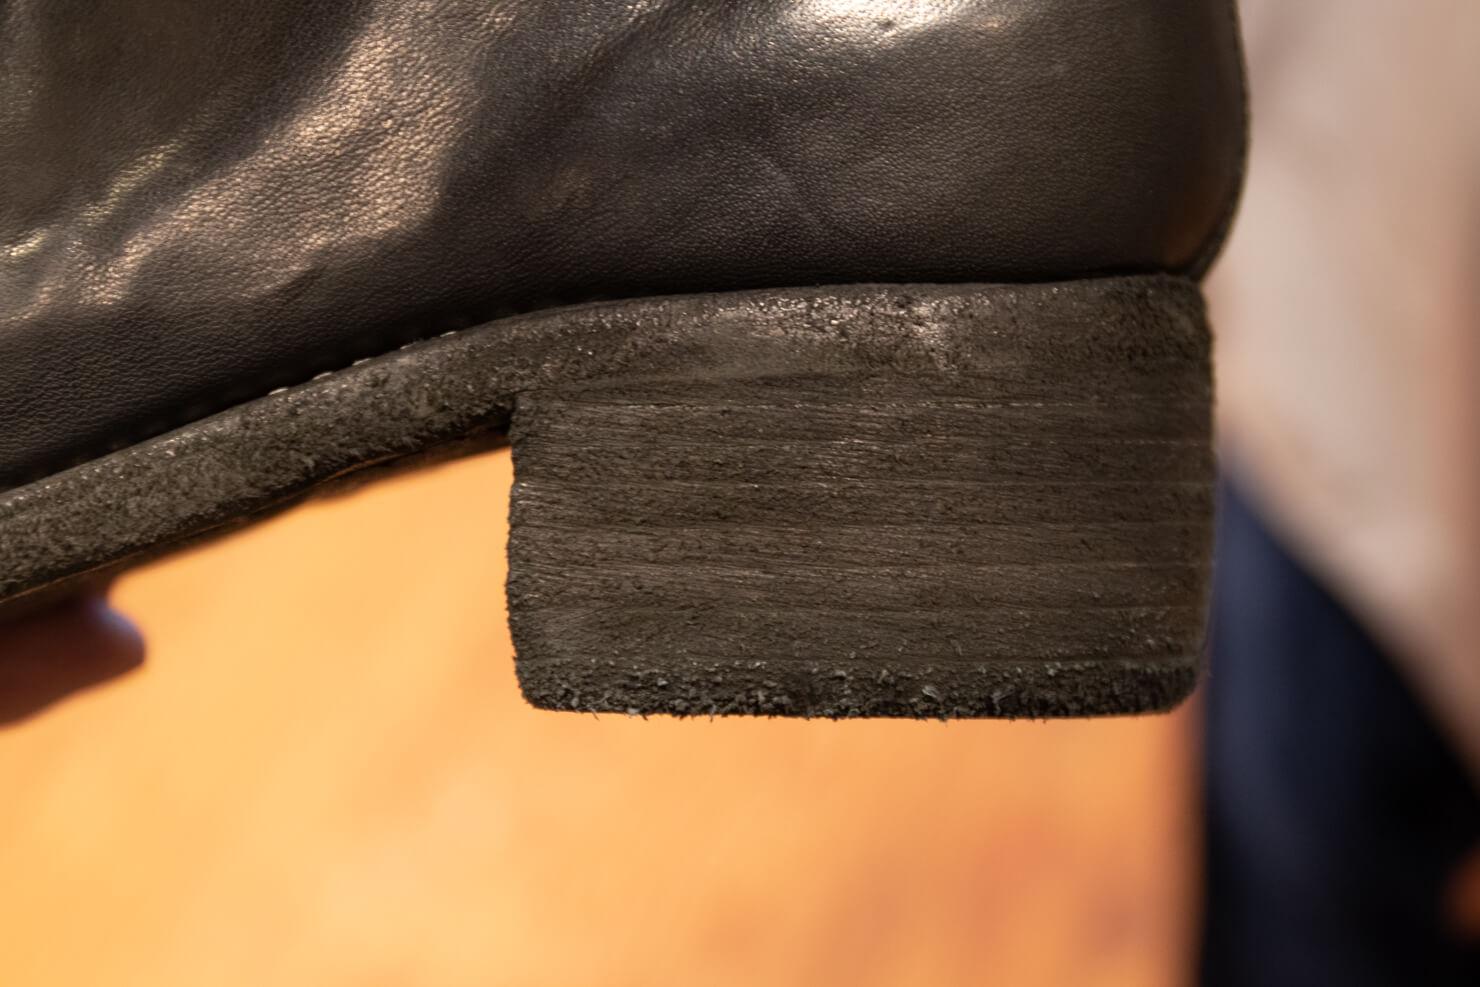 何層にも重ねられた靴底の写真